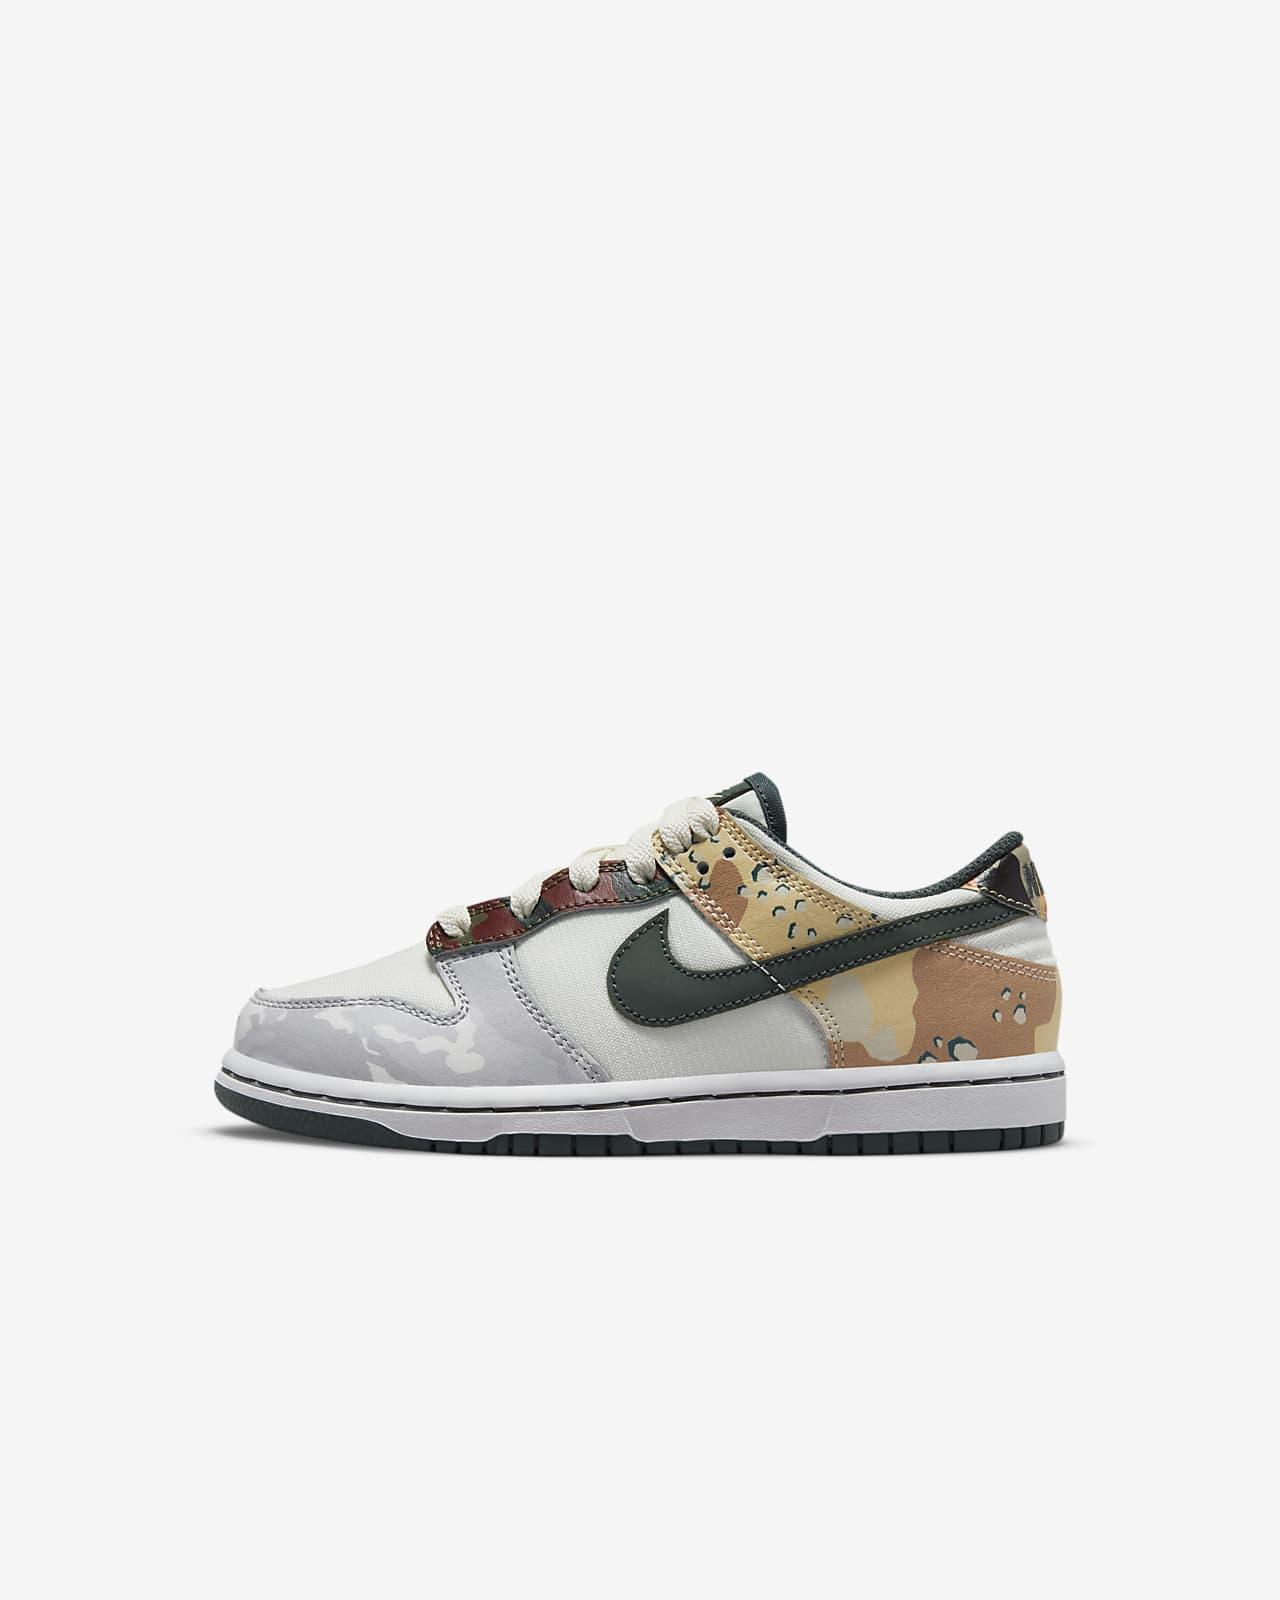 Nike Dunk Low SE (PS) 幼童运动童鞋